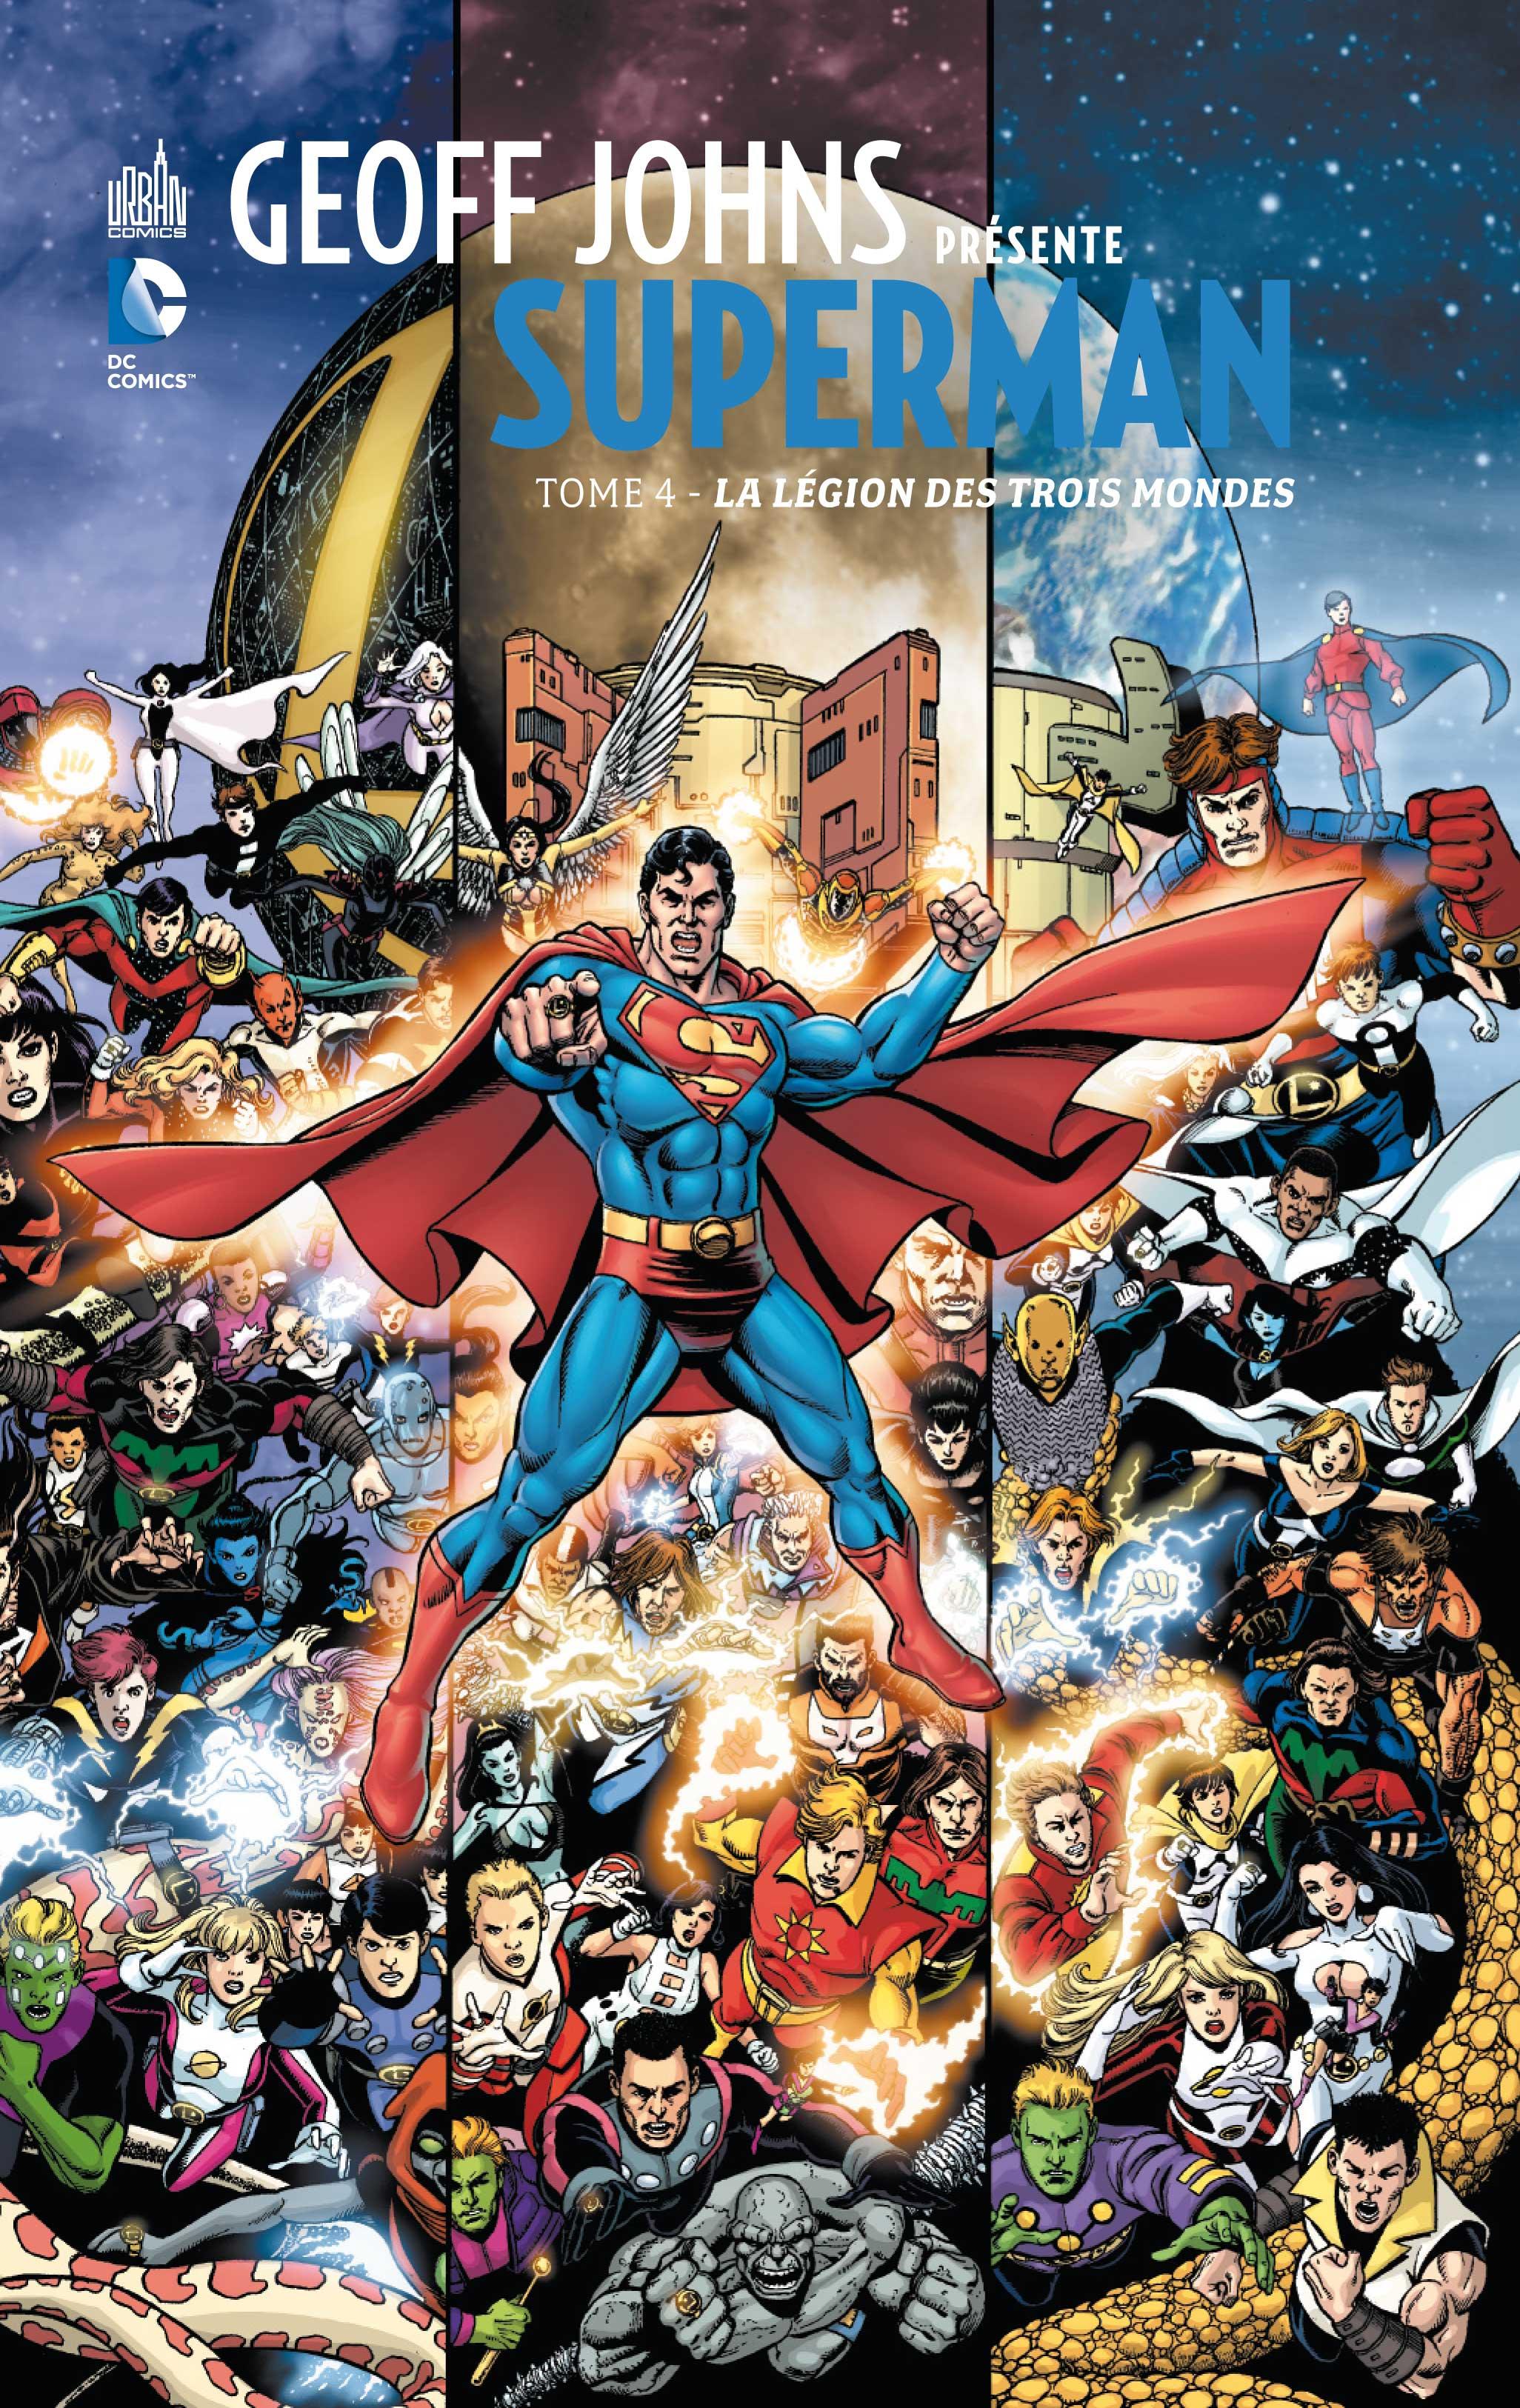 Geoff Johns Présente Superman 4 - LA LEGION DES TROIS MONDES